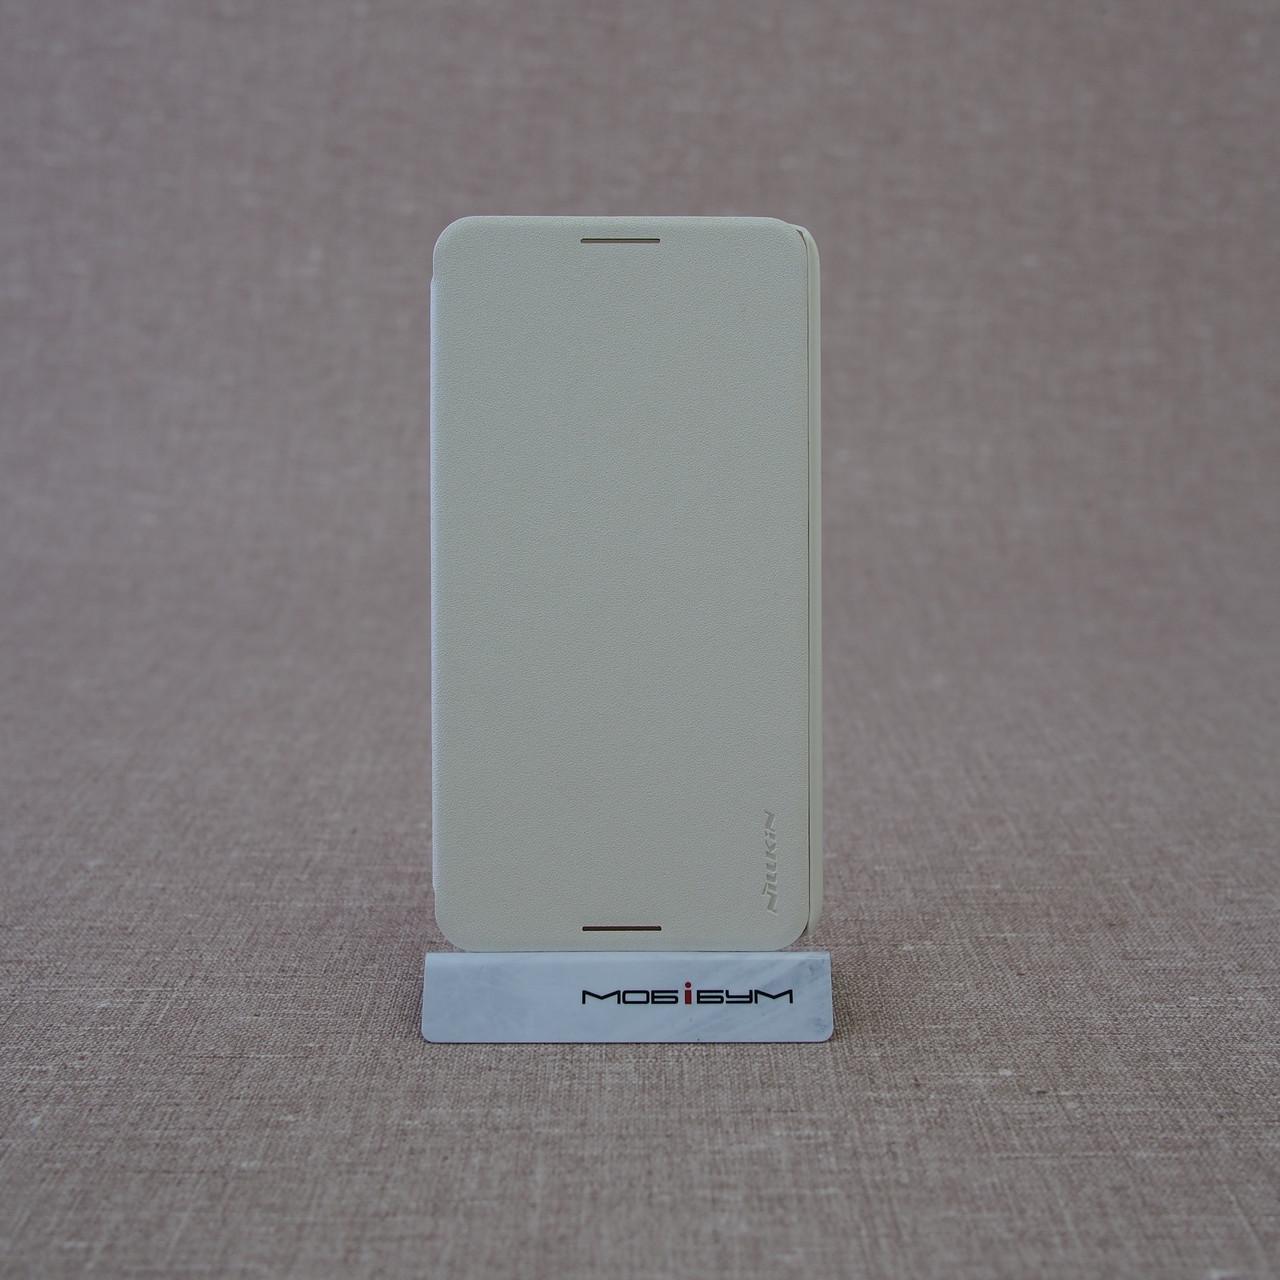 Чехол Nillkin Sparkle HTC Desire 816 white EAN/UPC: 6956473278665